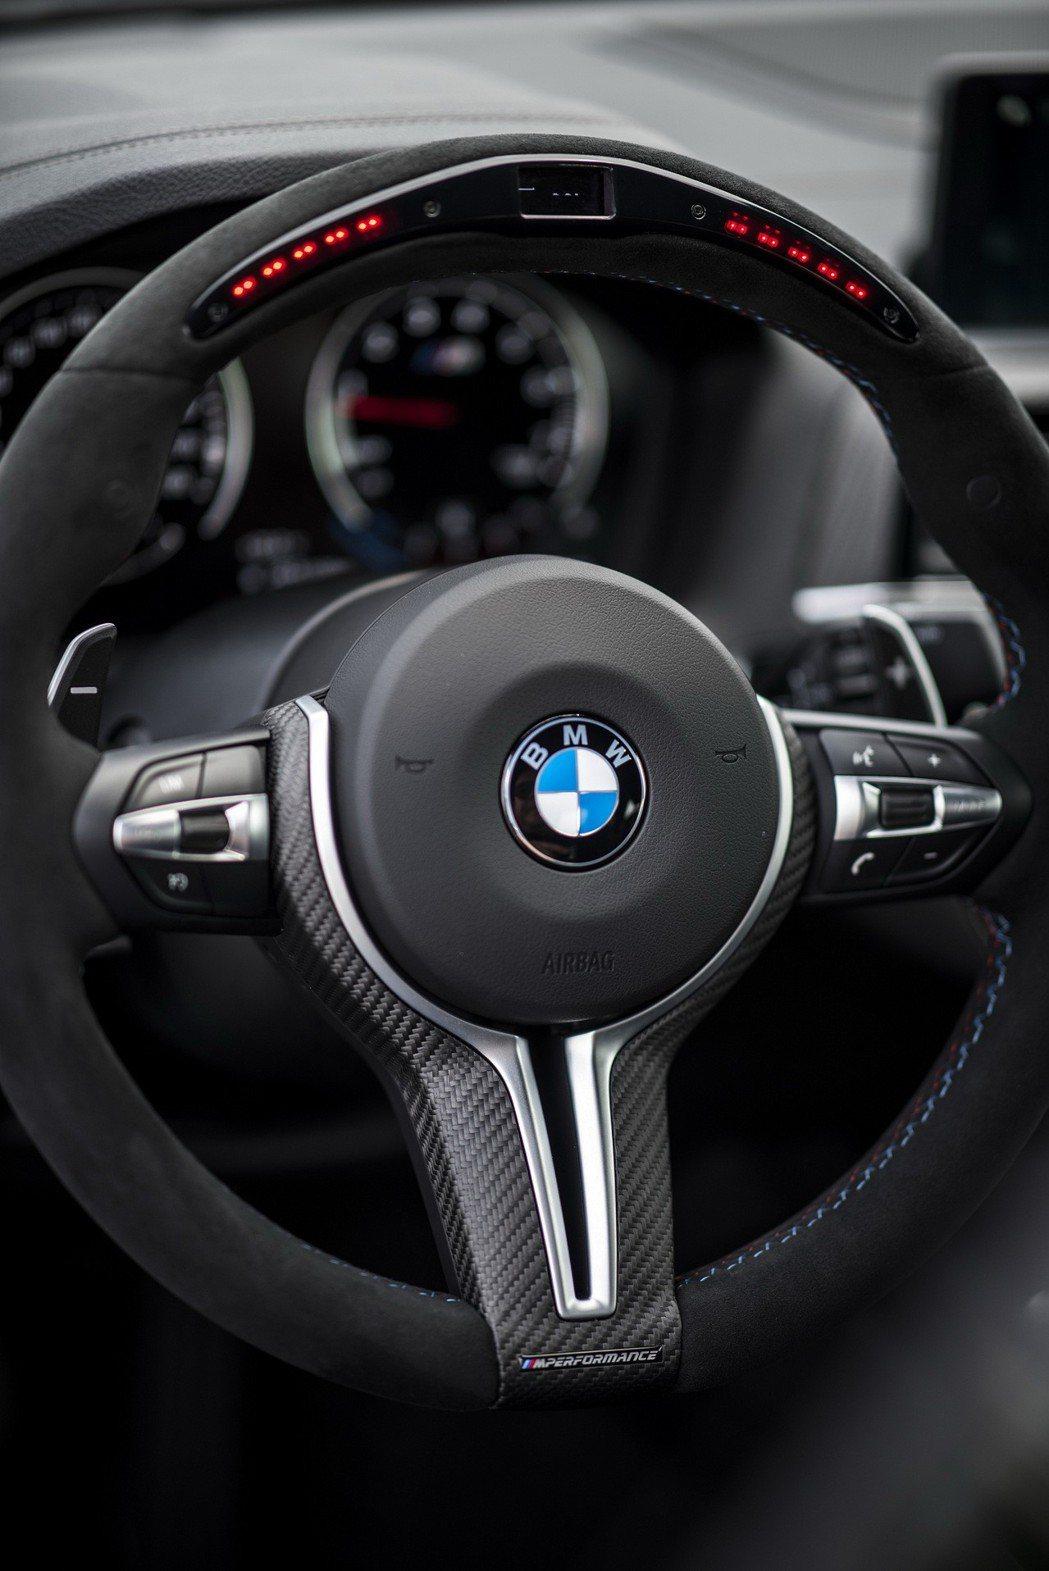 M Performance多功能賽車方向盤。 圖/汎德提供